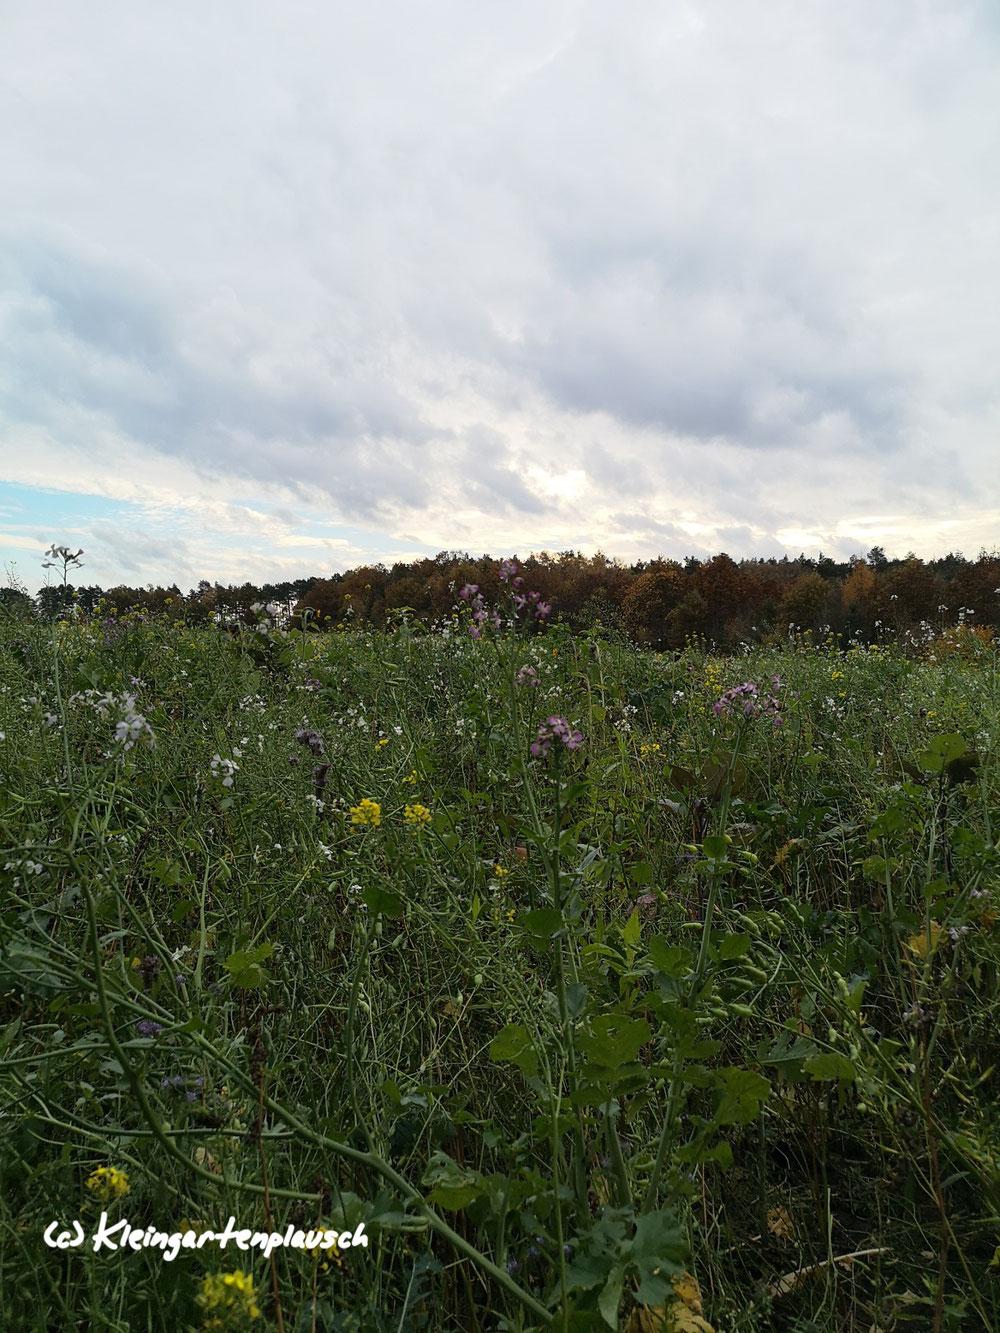 Längs des Waldpfads lag ein Feld, wo jetzt noch diverse Blumen blühten. Die Qualität für Bienen und andere Insekten vermochte ich nicht zu beurteilen, erkannte immerhin Sonnenblumen, etwas Phacelia und Gelbsenf.